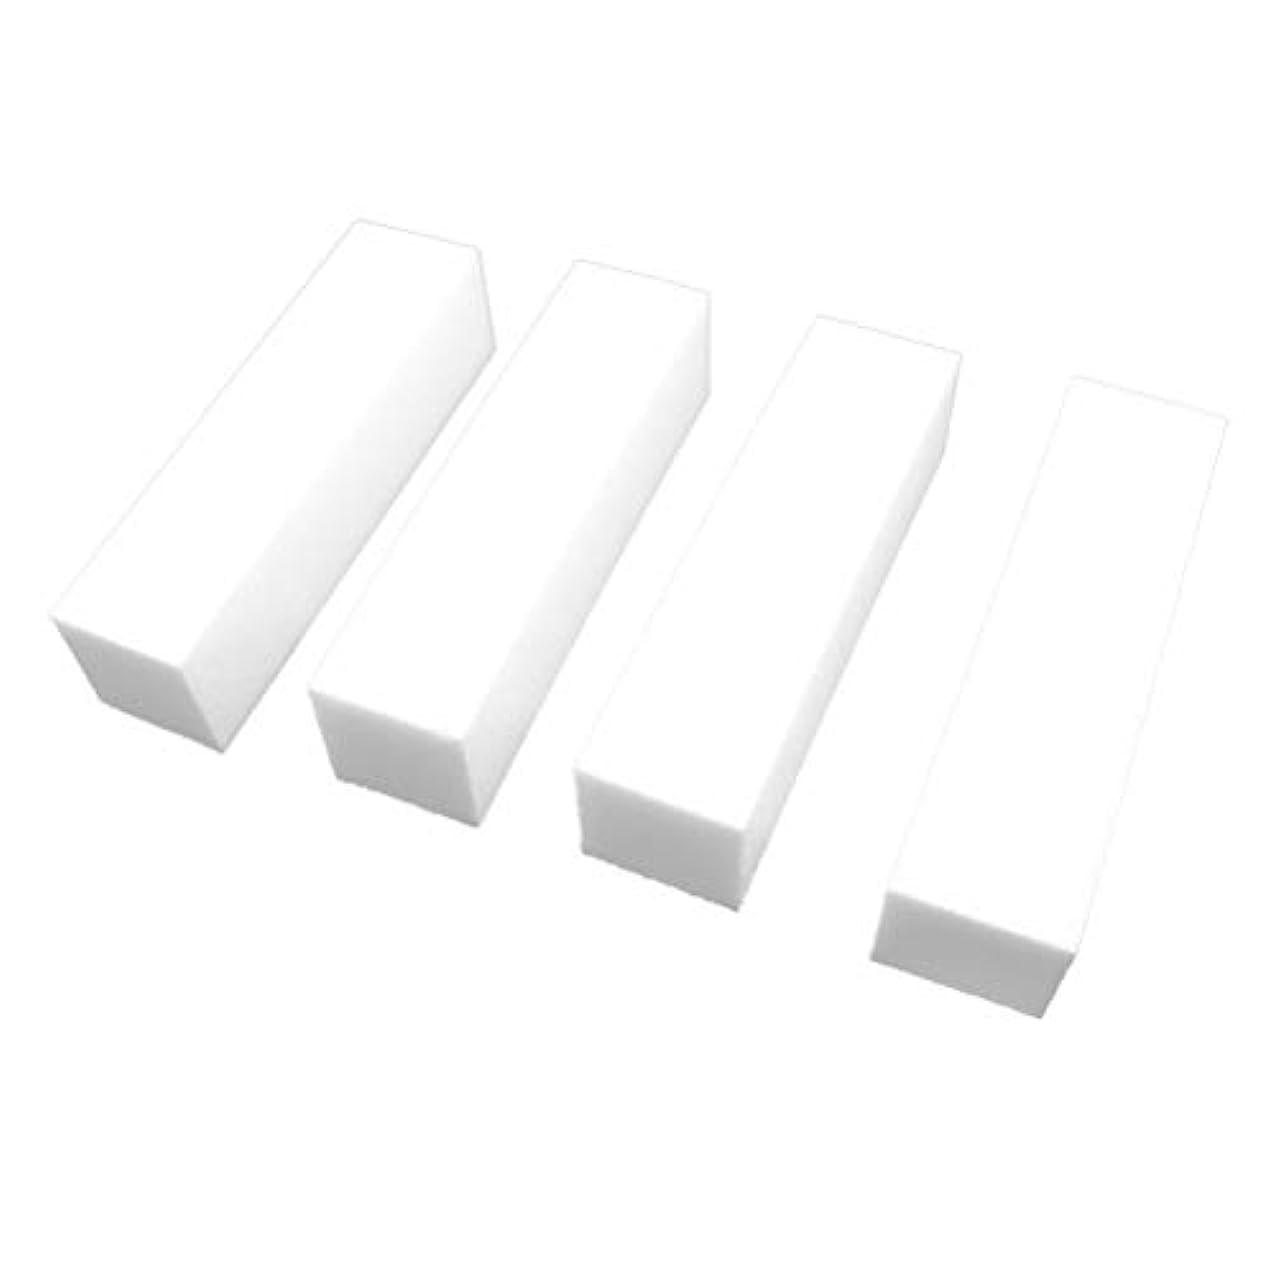 まだスキップ誘惑Lurrose ネイルバッファーブロックホワイトサンディングブロックファイルネイルポリッシャーマニキュアツール